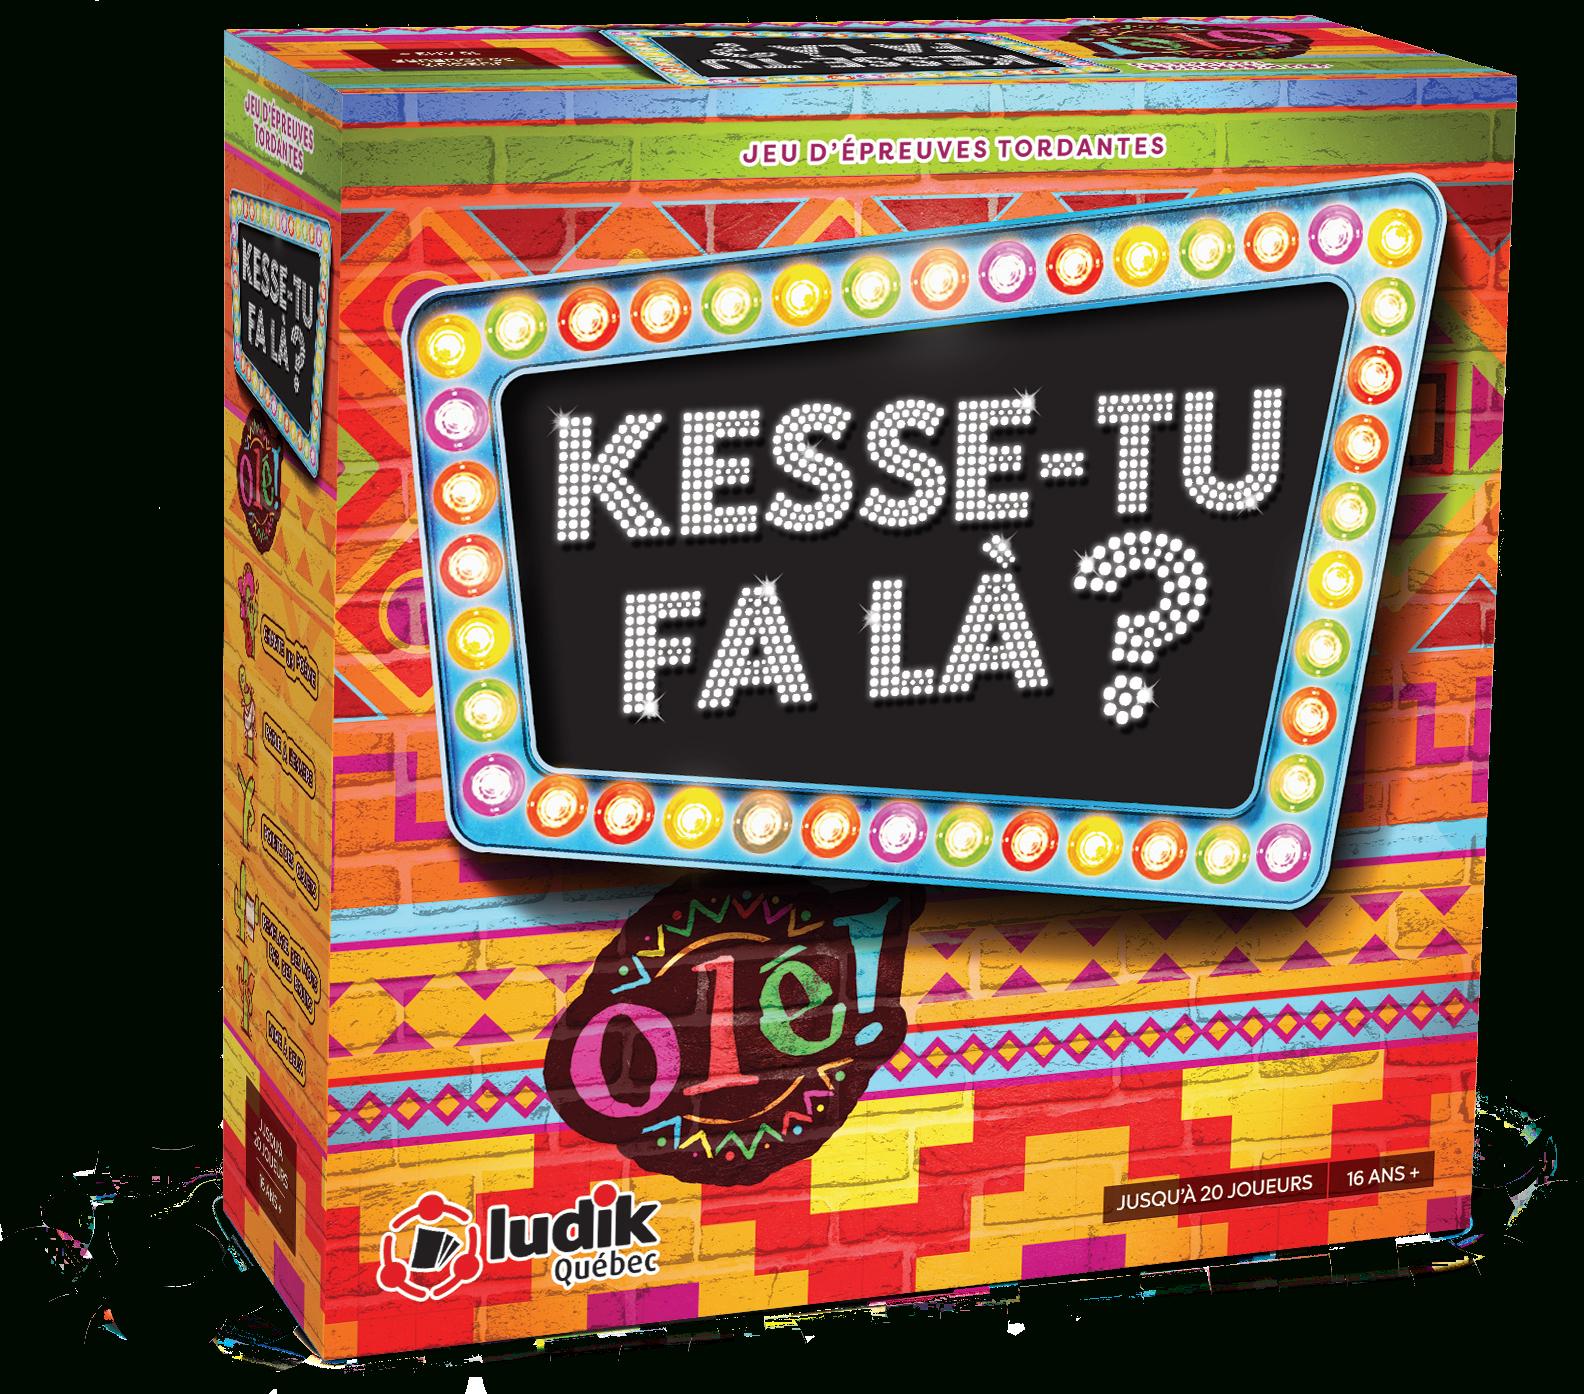 Ludik Québec à Jeux Educatif 10 Ans